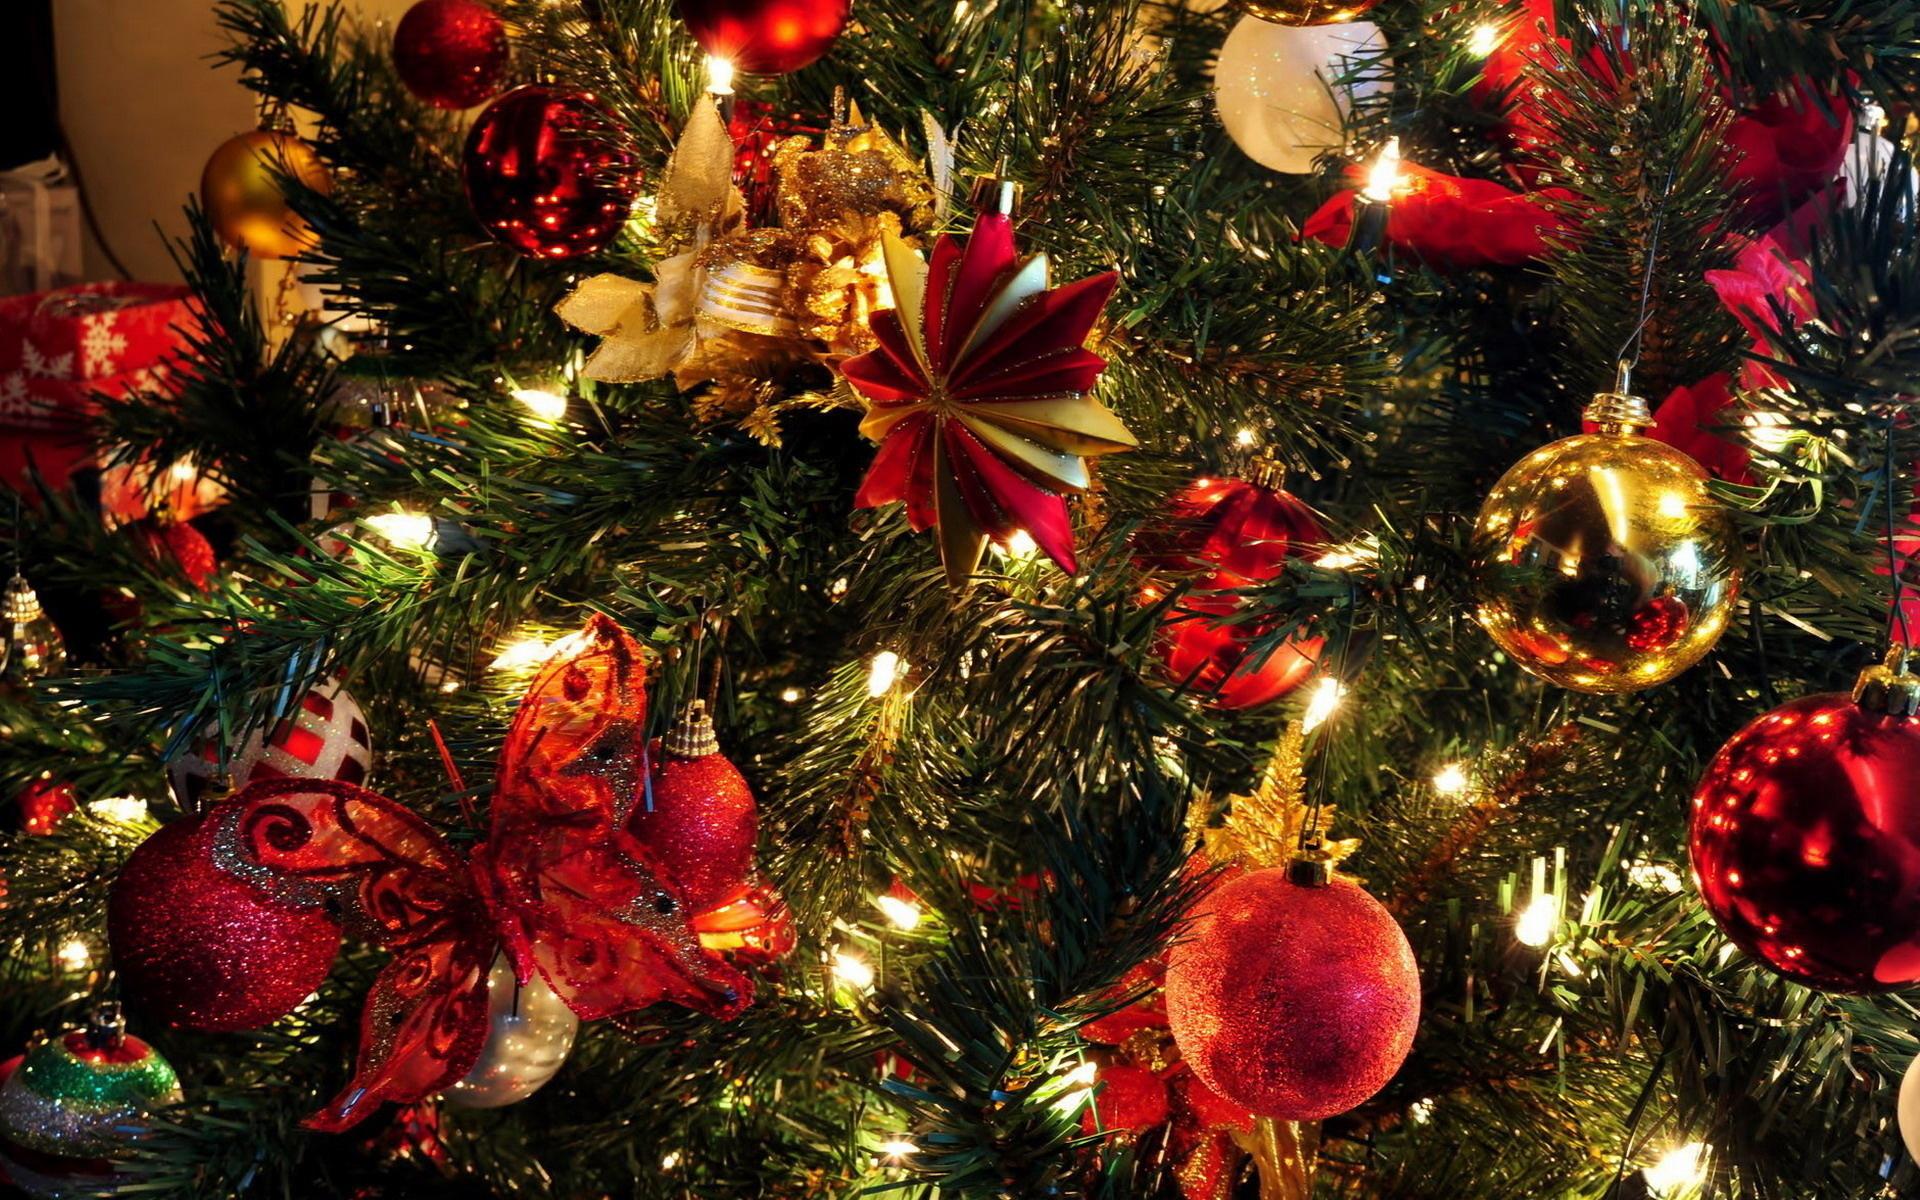 красивые картинки новогодние елки и игрушки таком случае